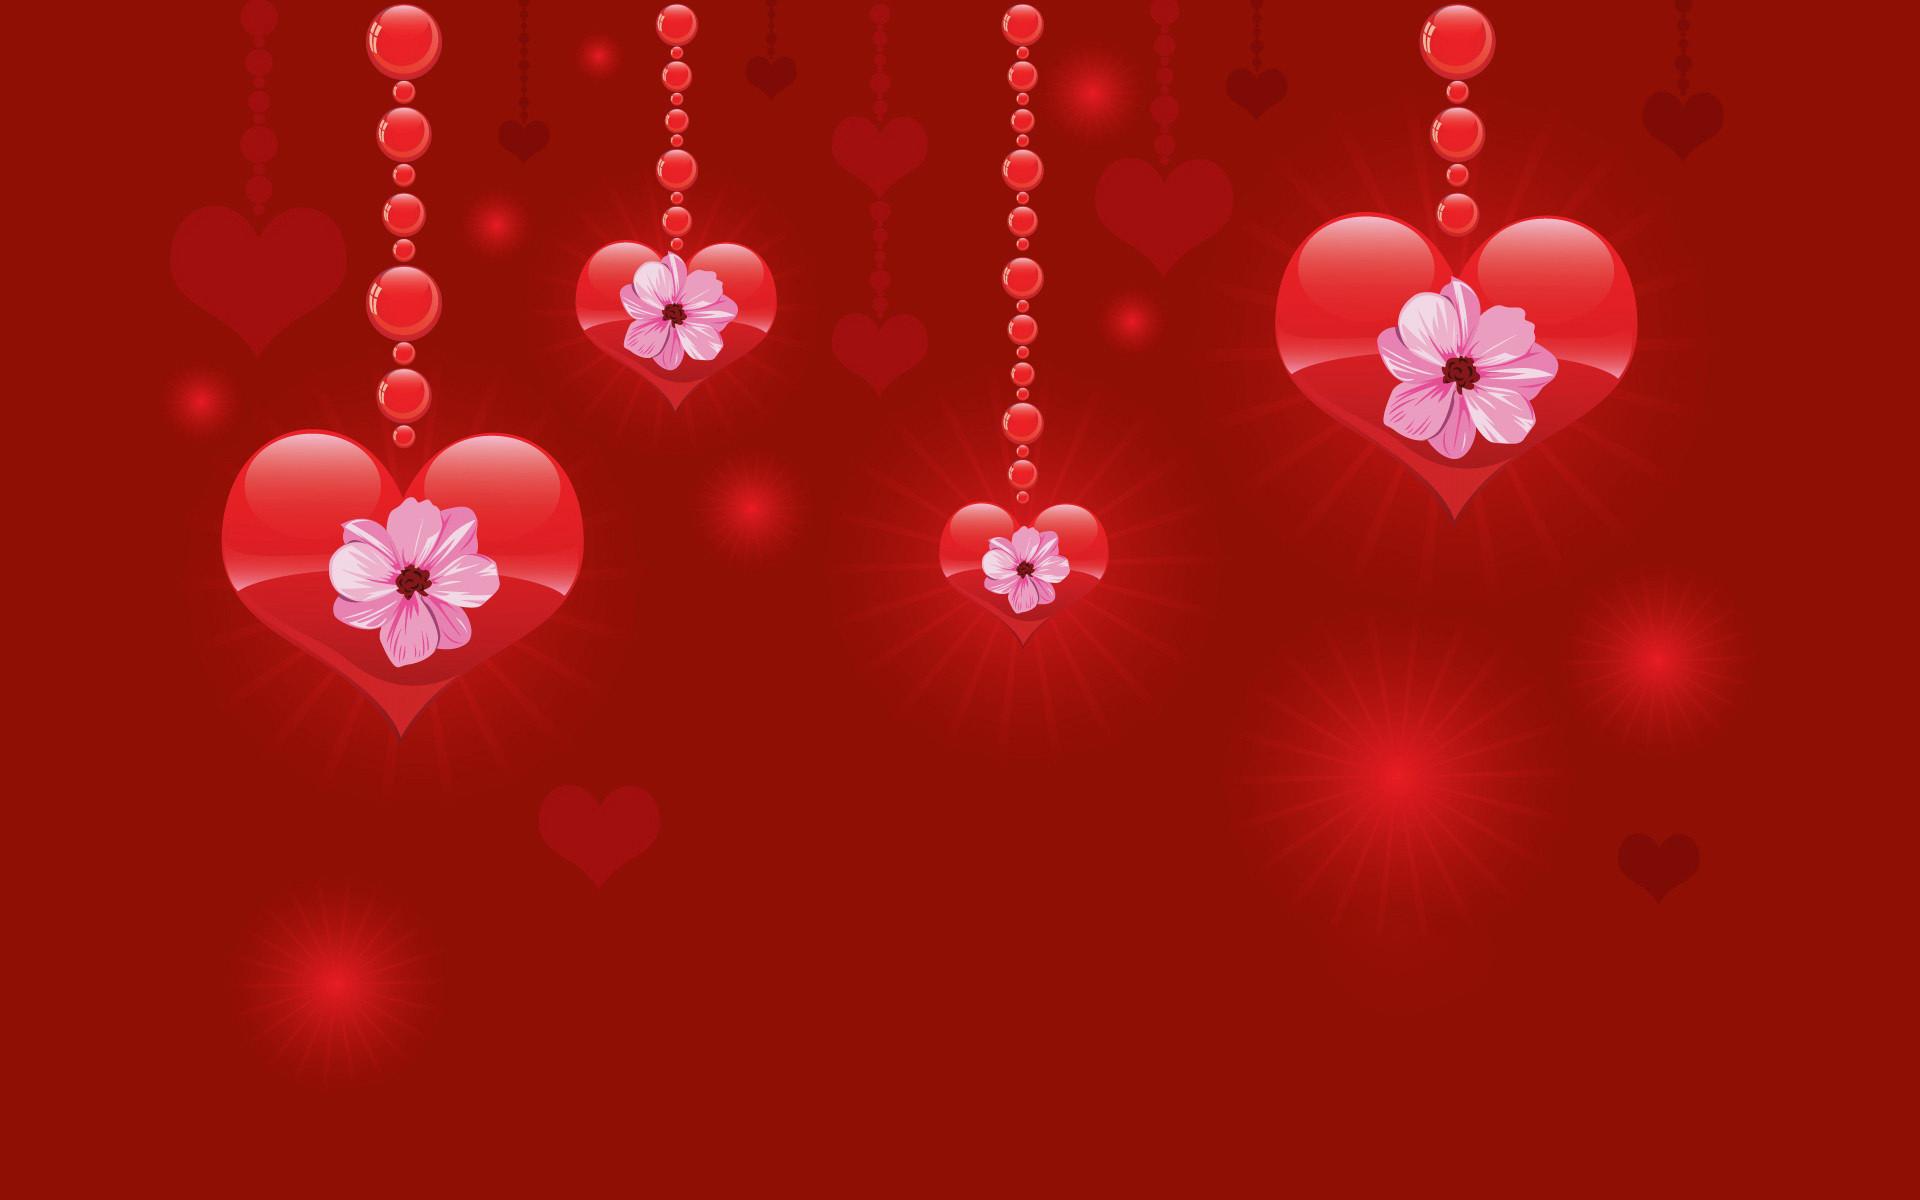 happy valentines day wallpaper desktop which is under the valentines .